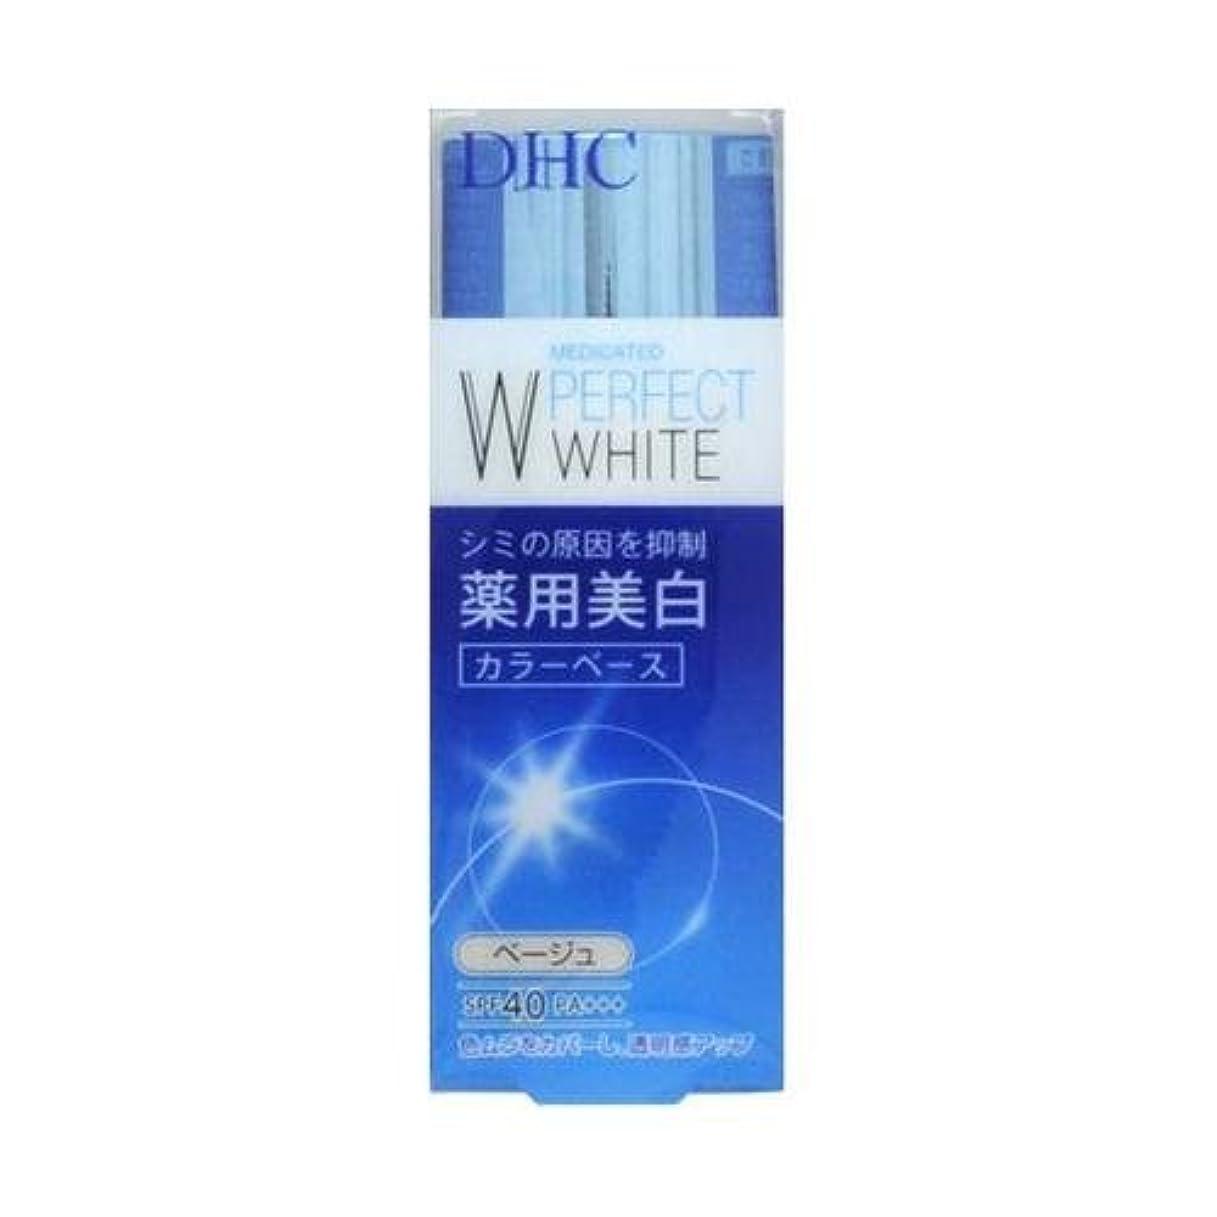 勧める制限呼びかけるDHC 薬用パーフェクトホワイト カラーベース アプリコット 30g(医薬部外品)